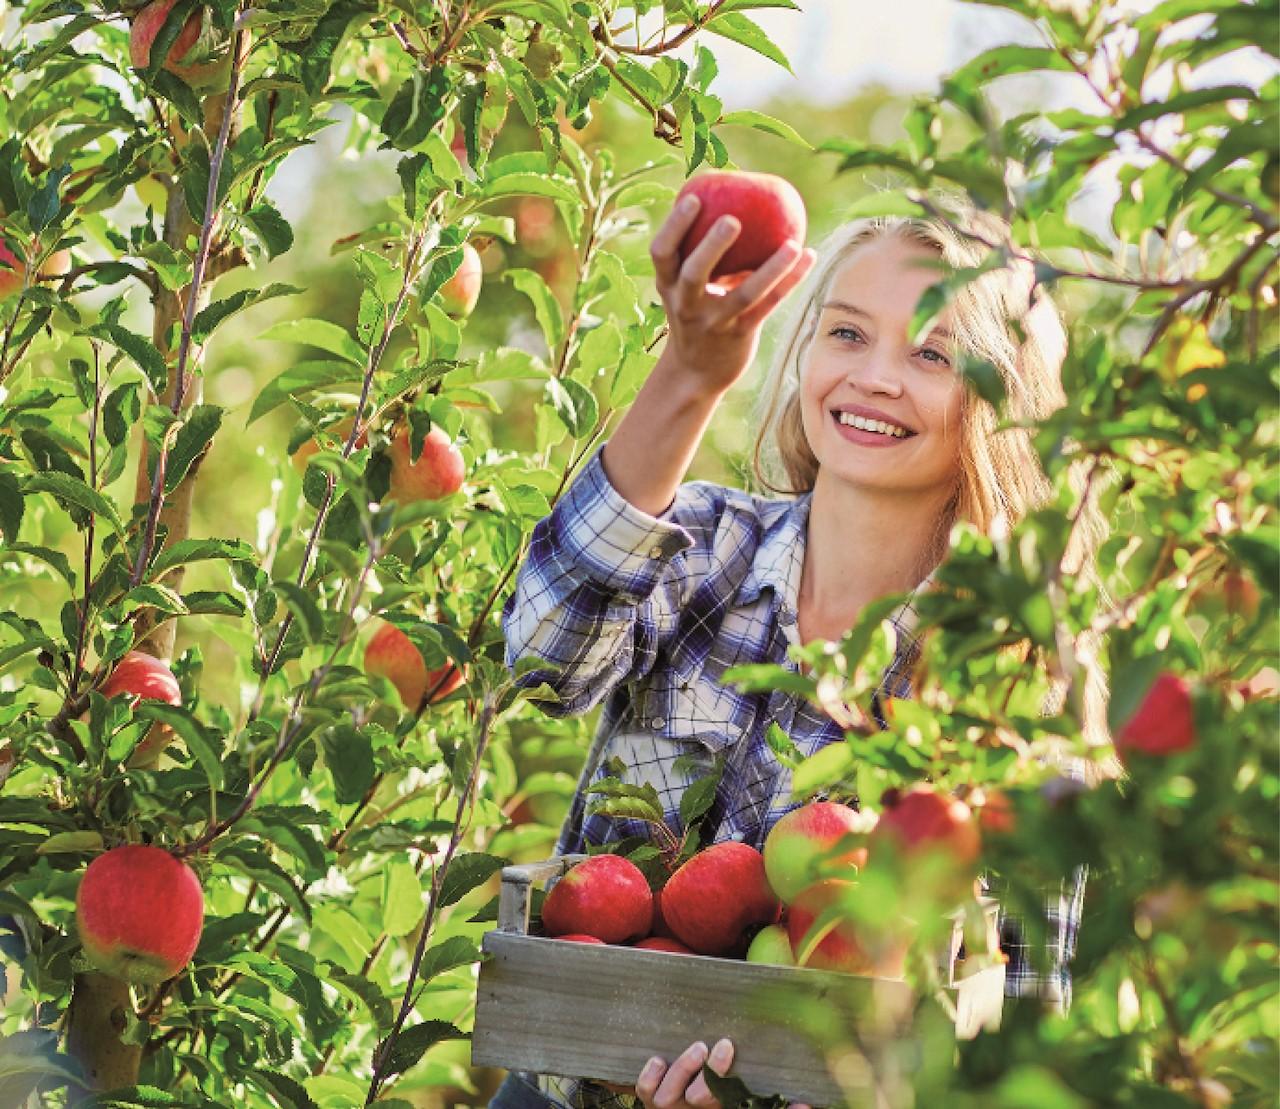 Fruit plukken & bewaren: 8 tips